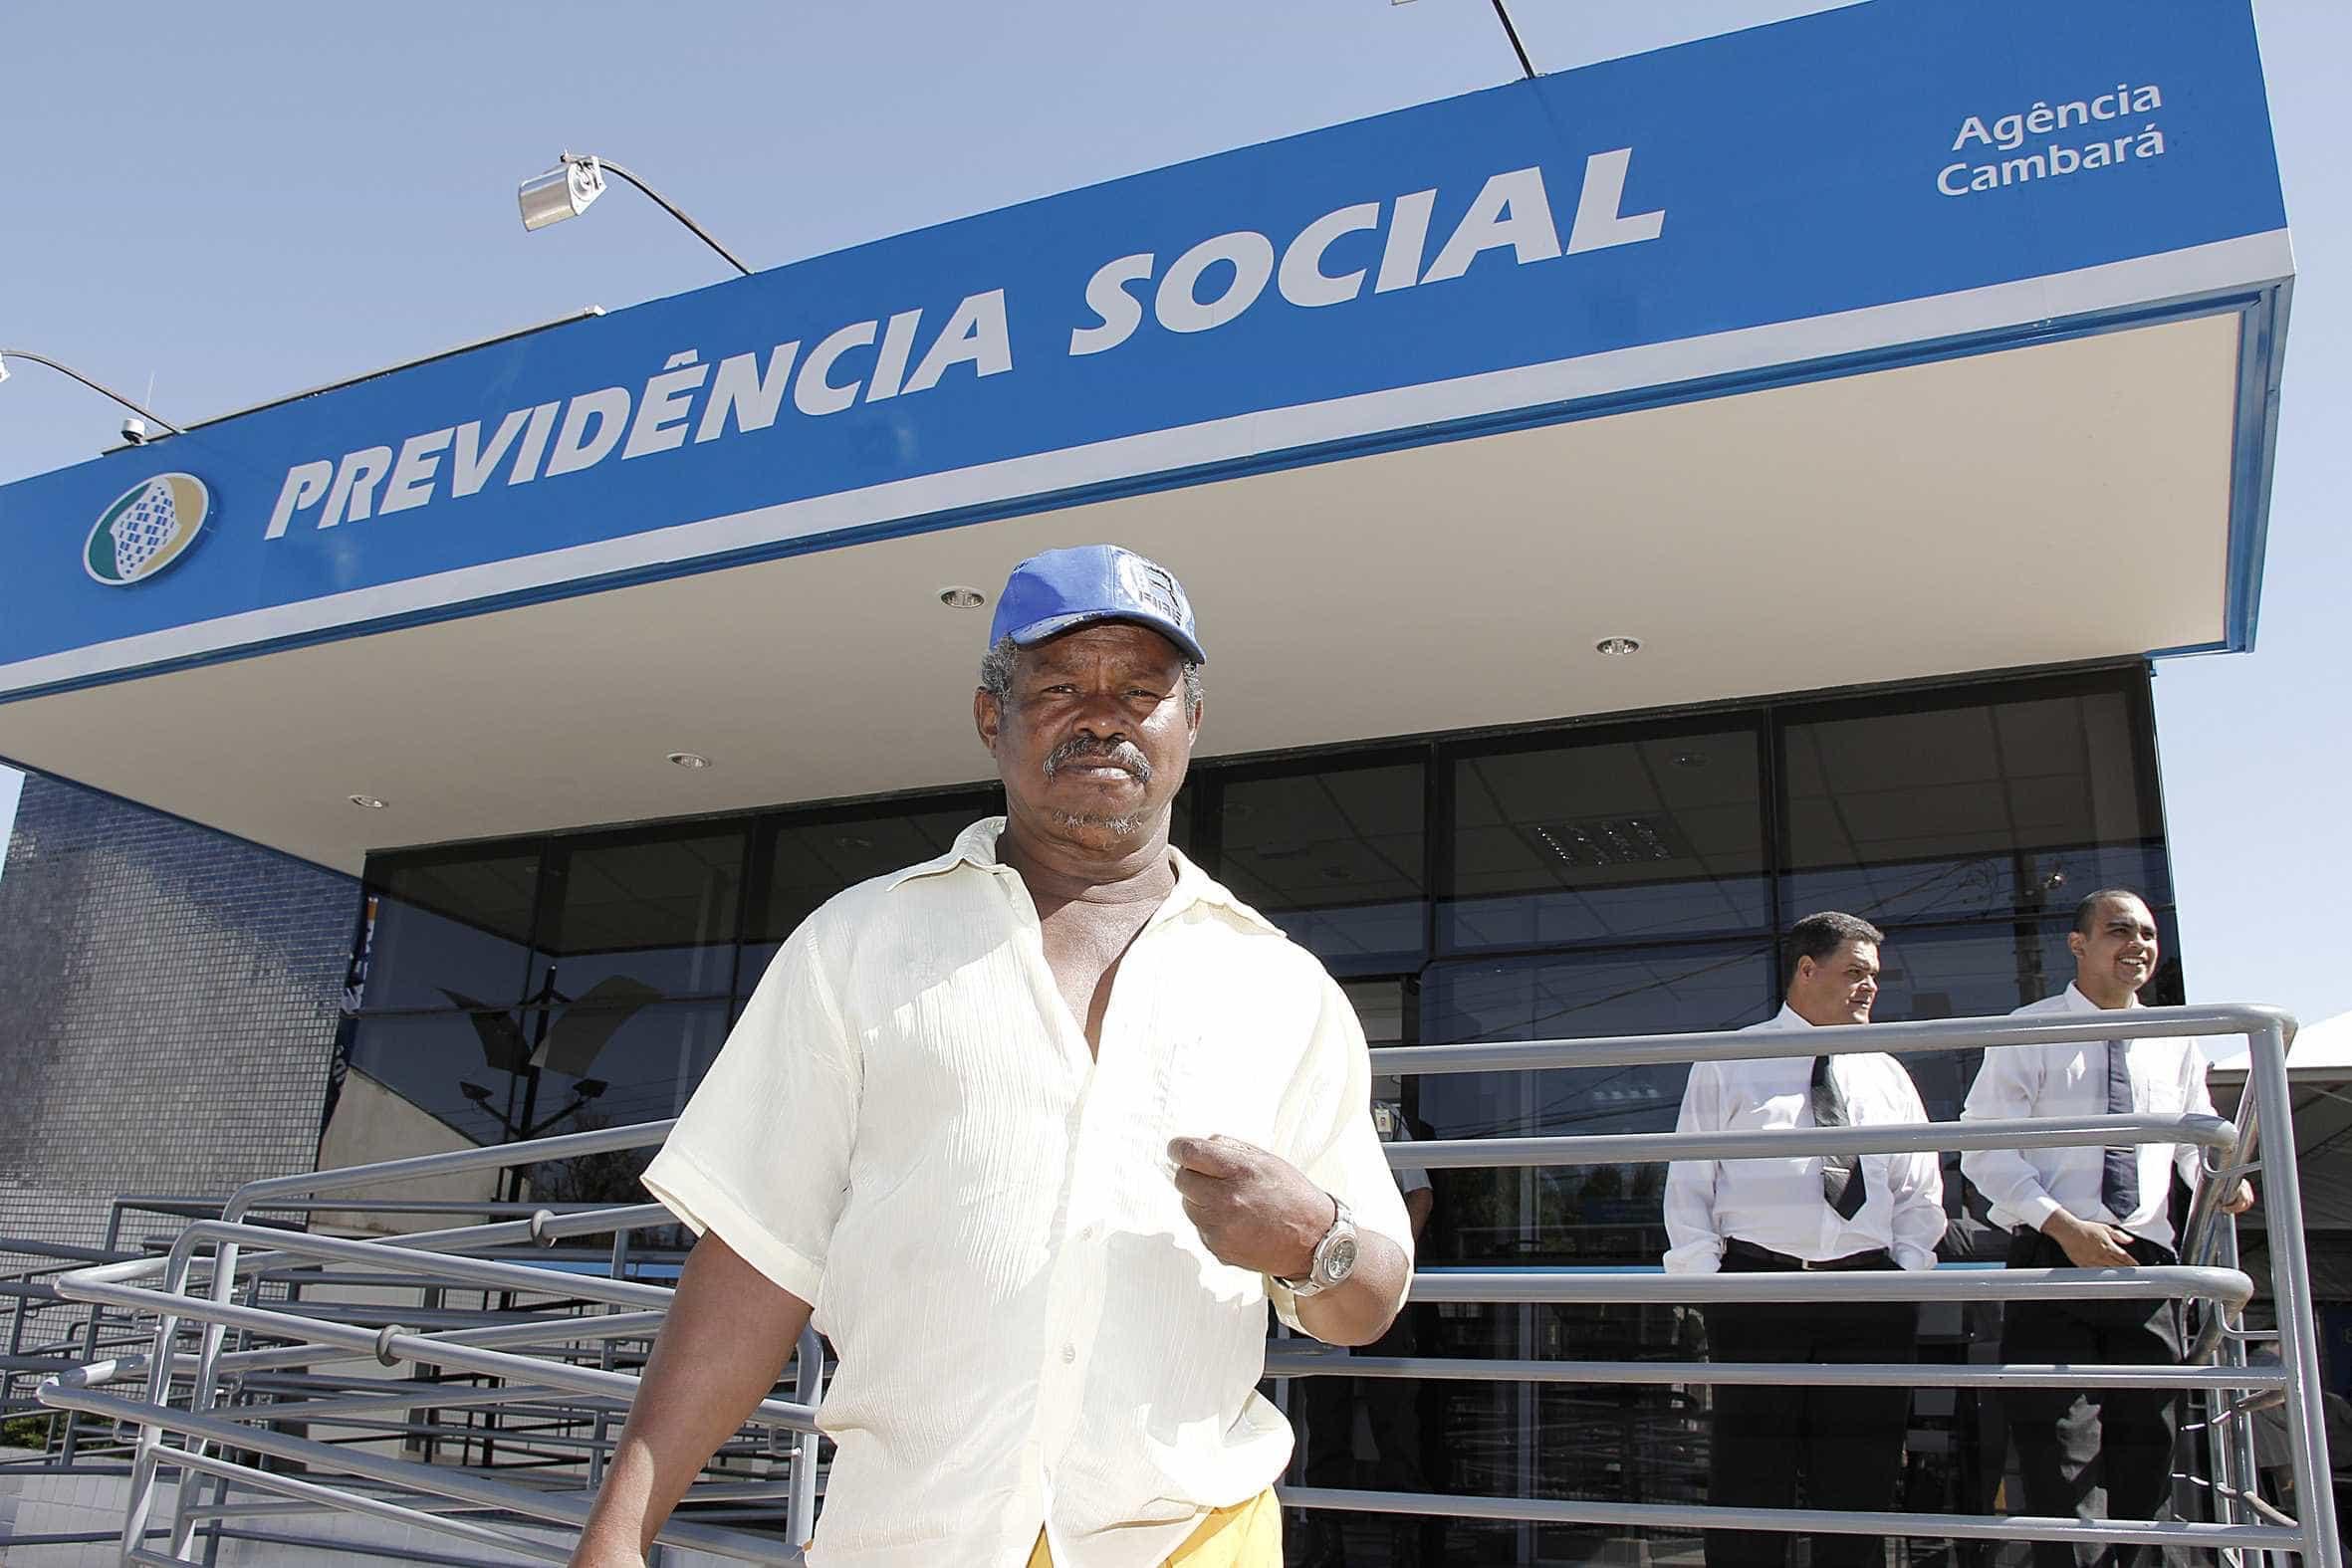 Apenas 8% dos brasileiros com mais de 60 anos ainda trabalham